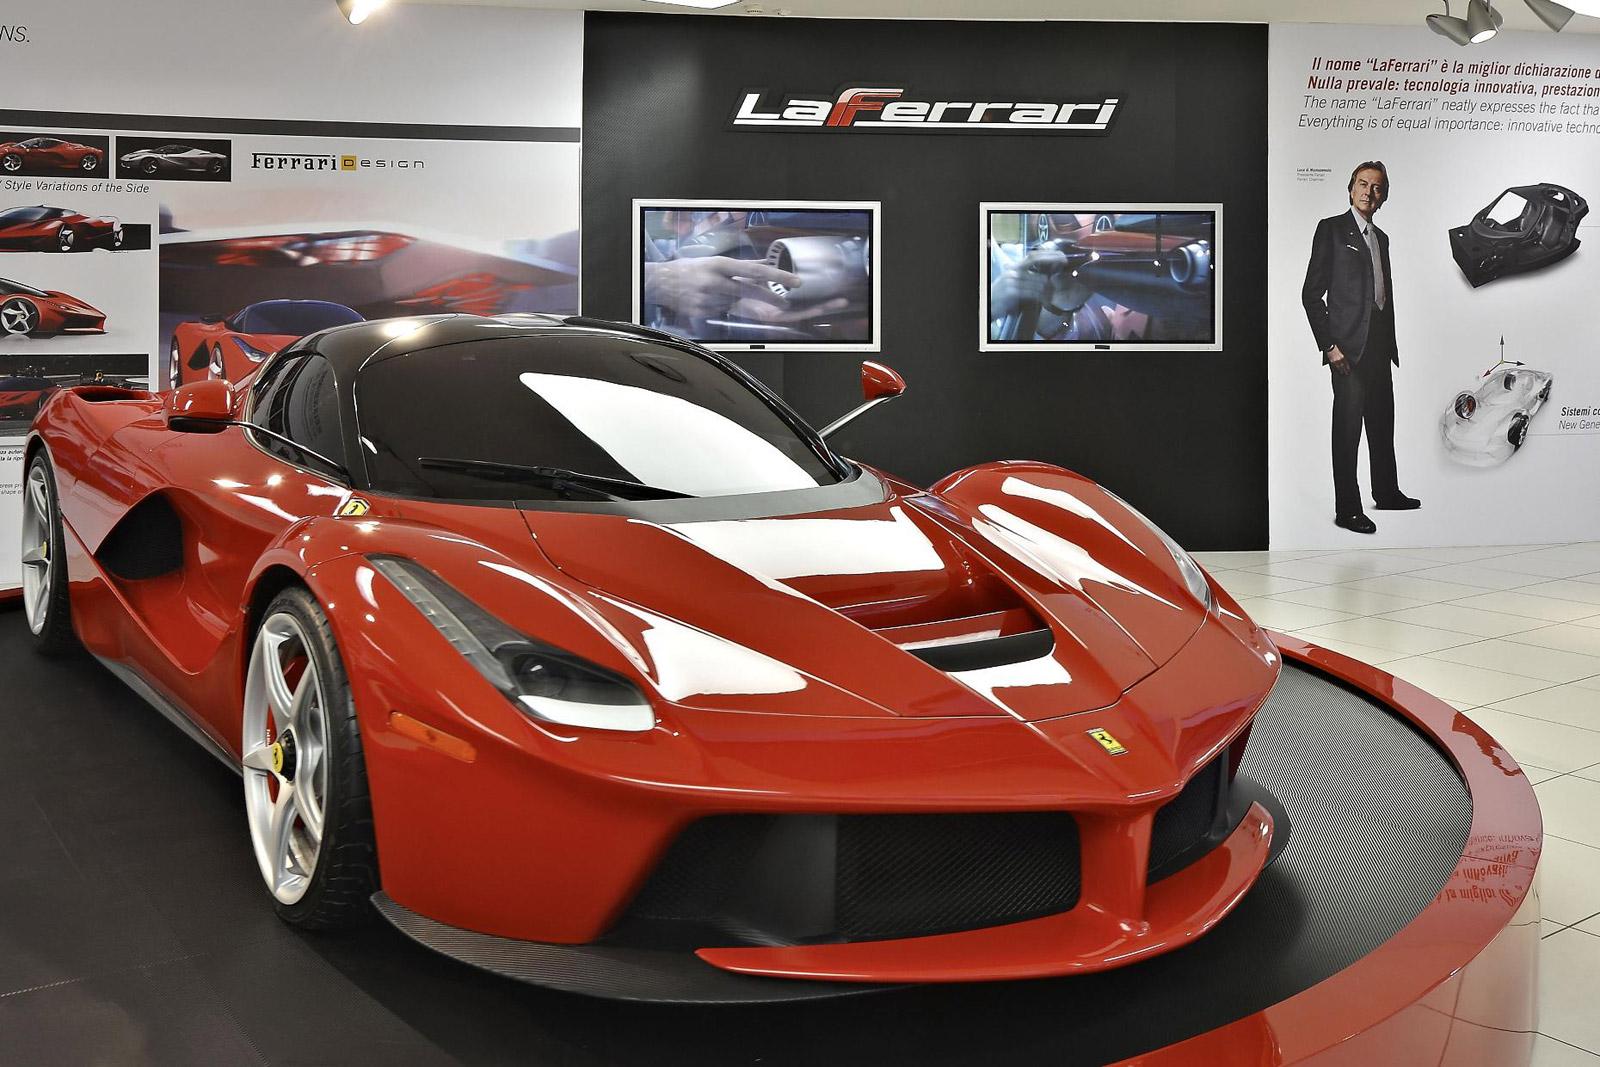 LaFerrari Headlines New Exhibition At The Ferrari Museum